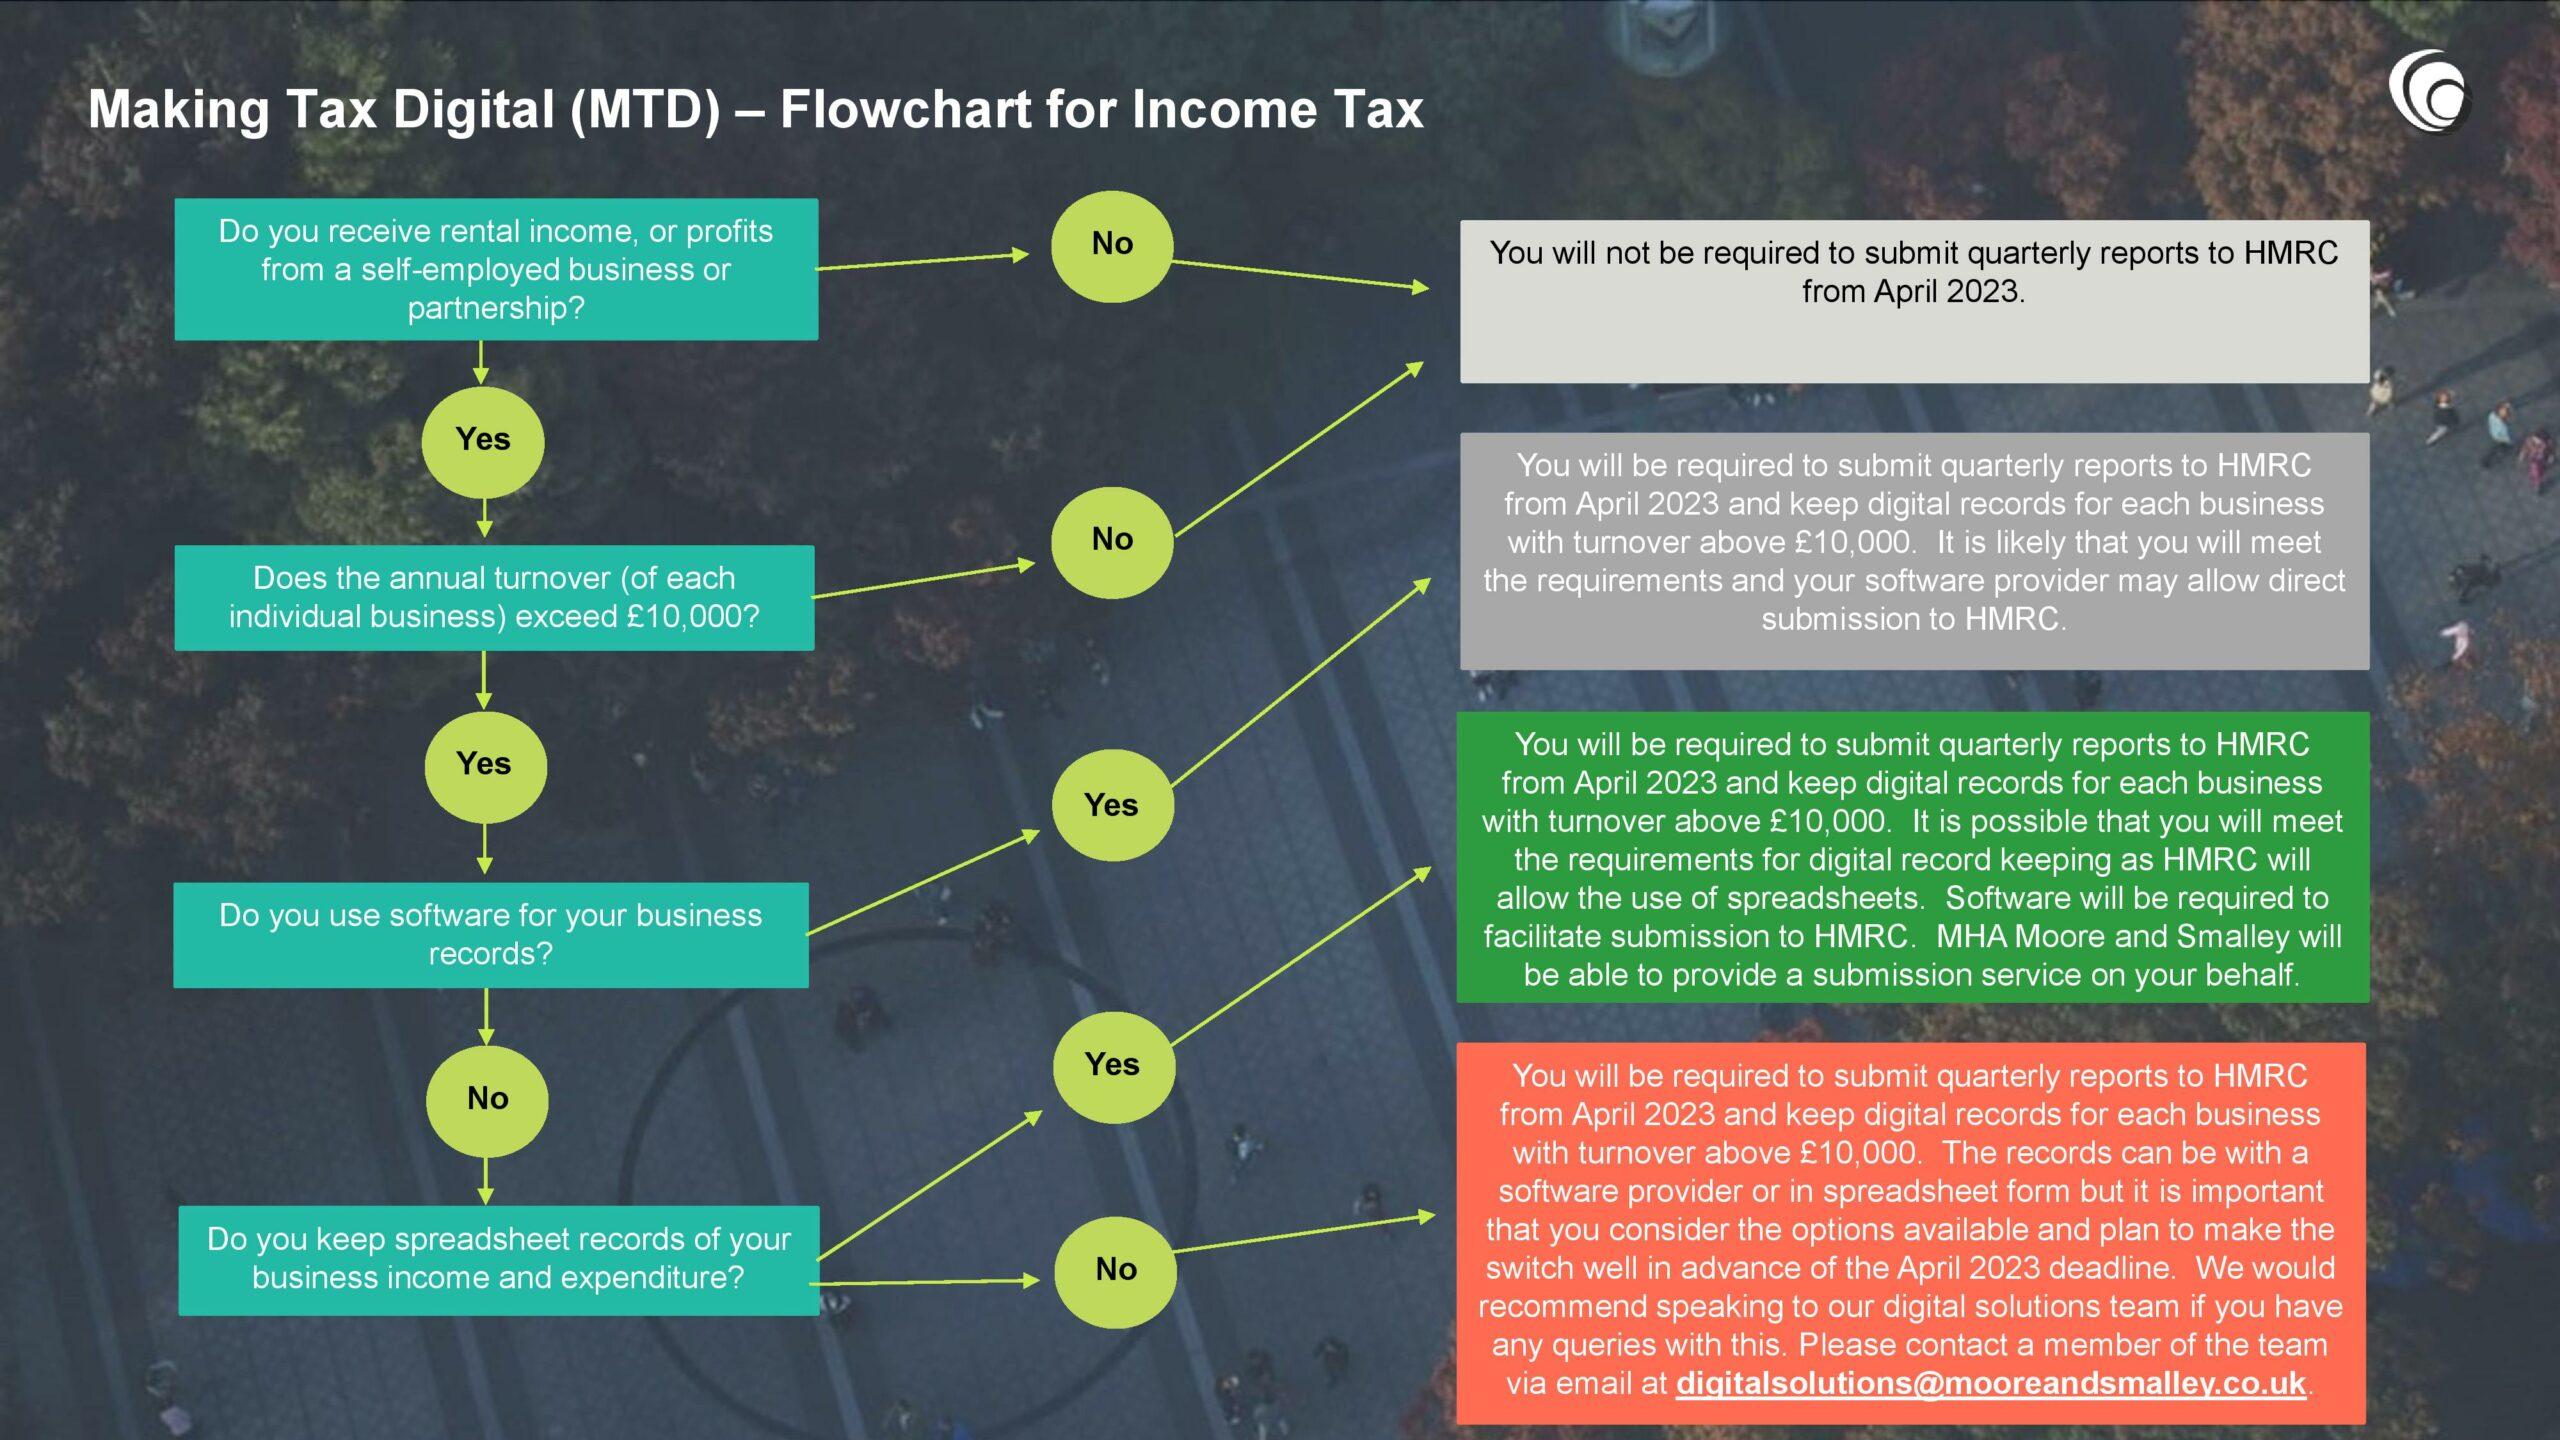 Making Tax Digital Flowchart – Income Tax